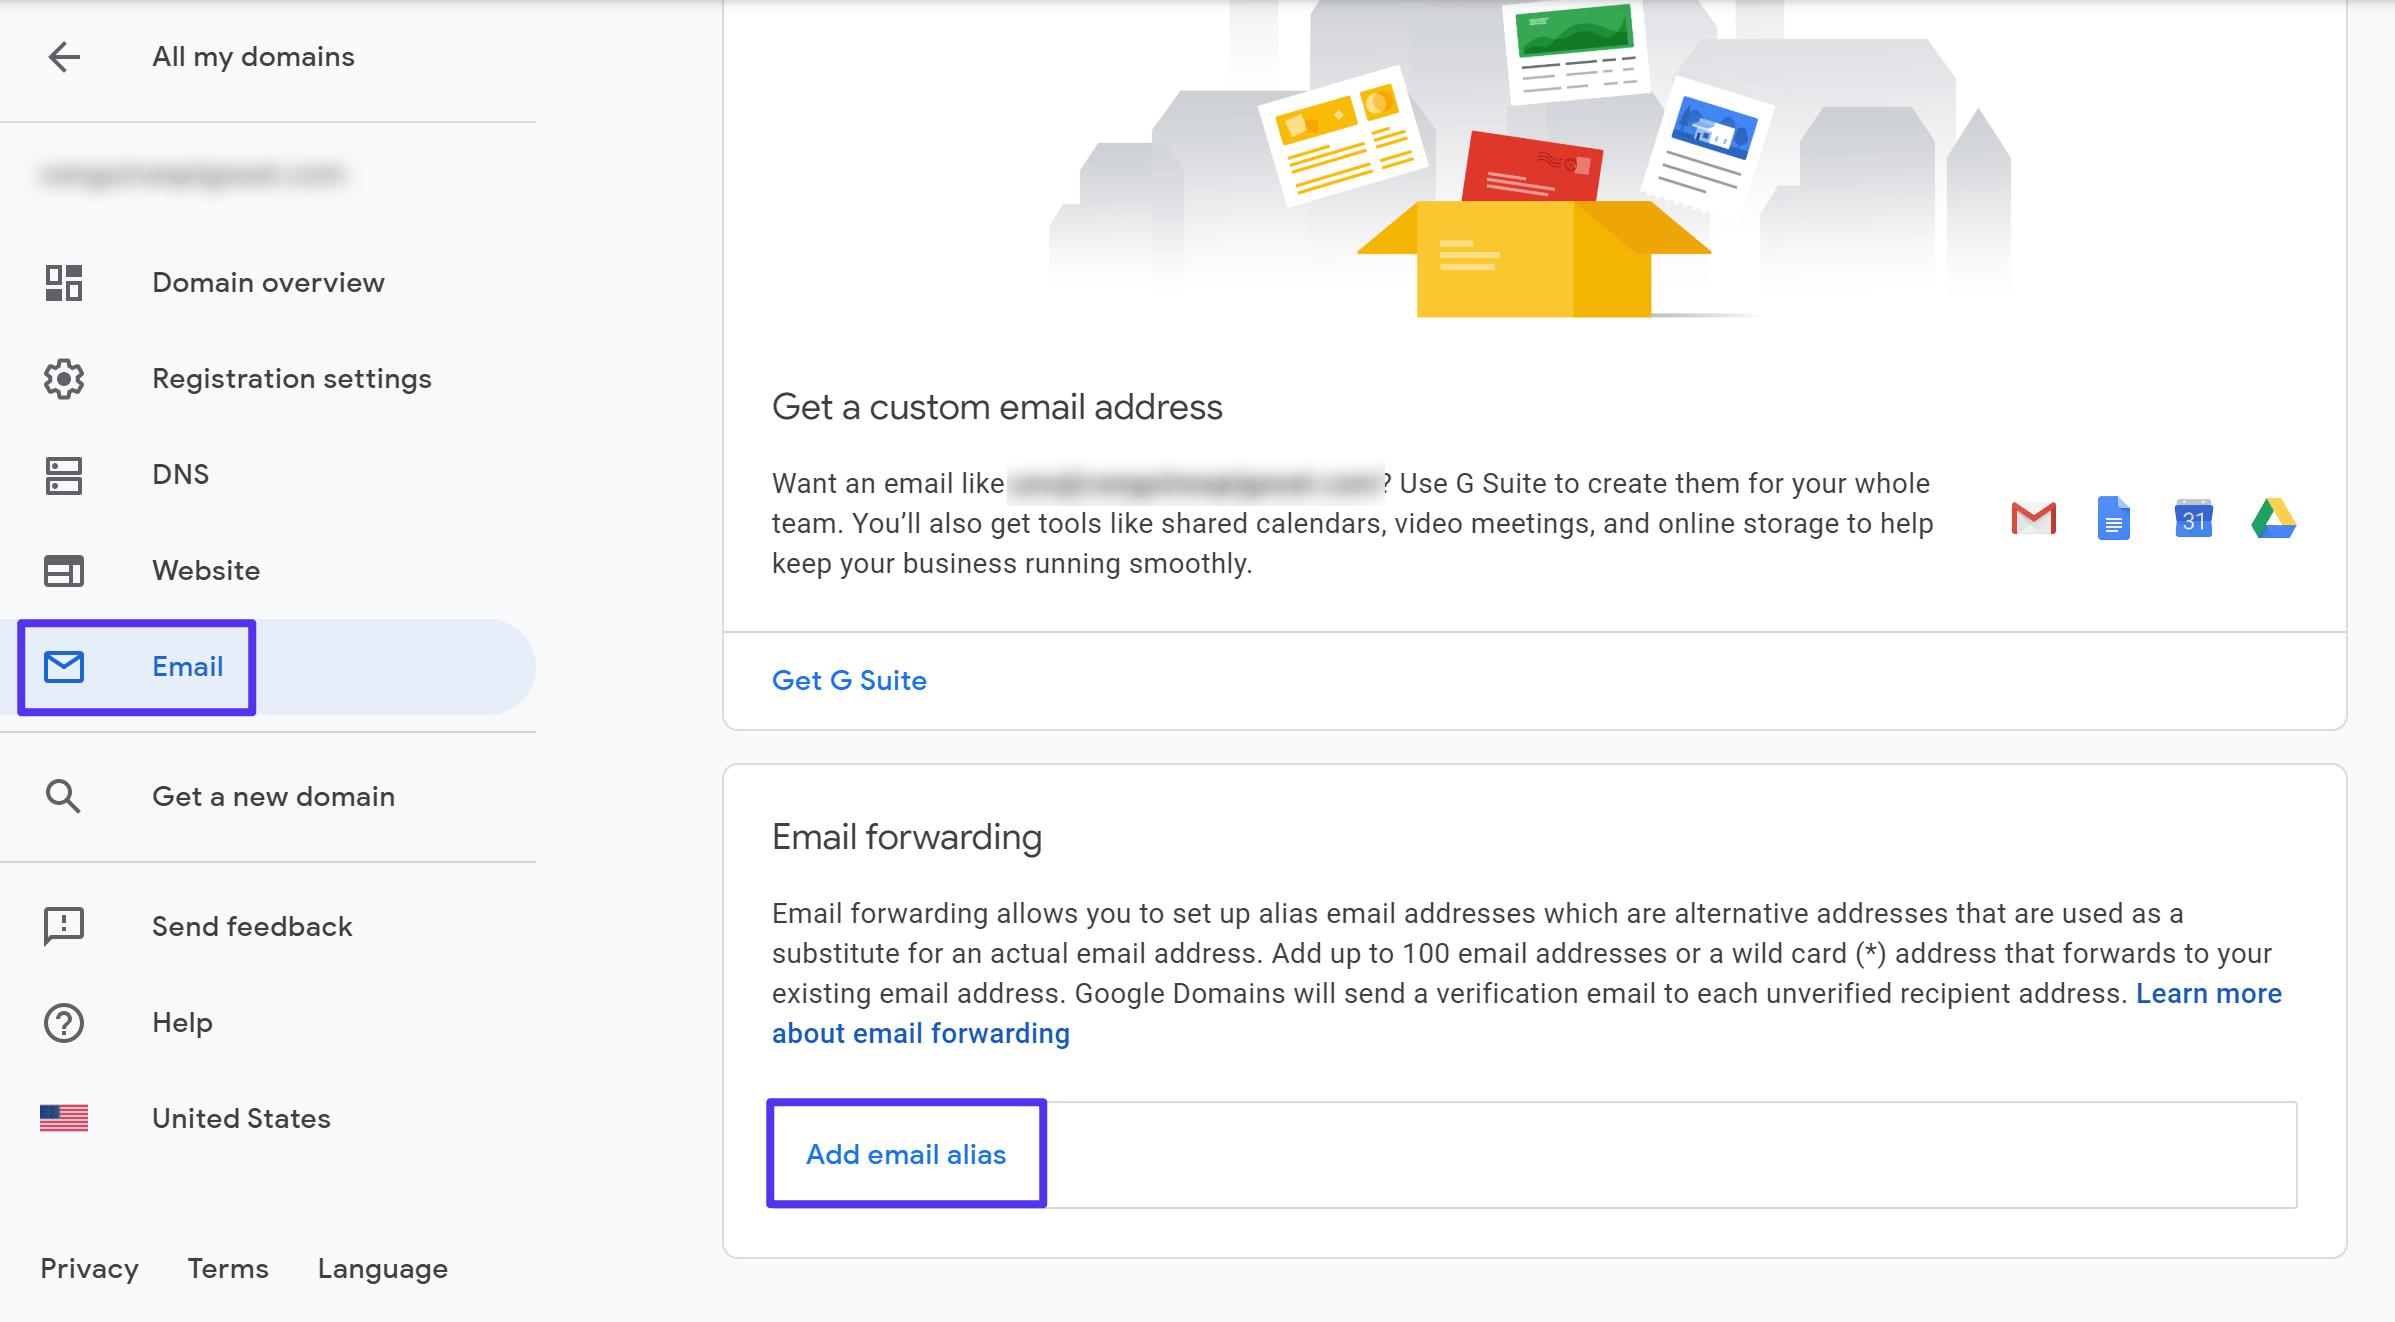 Så här skapar du e-postalias för Google Domains